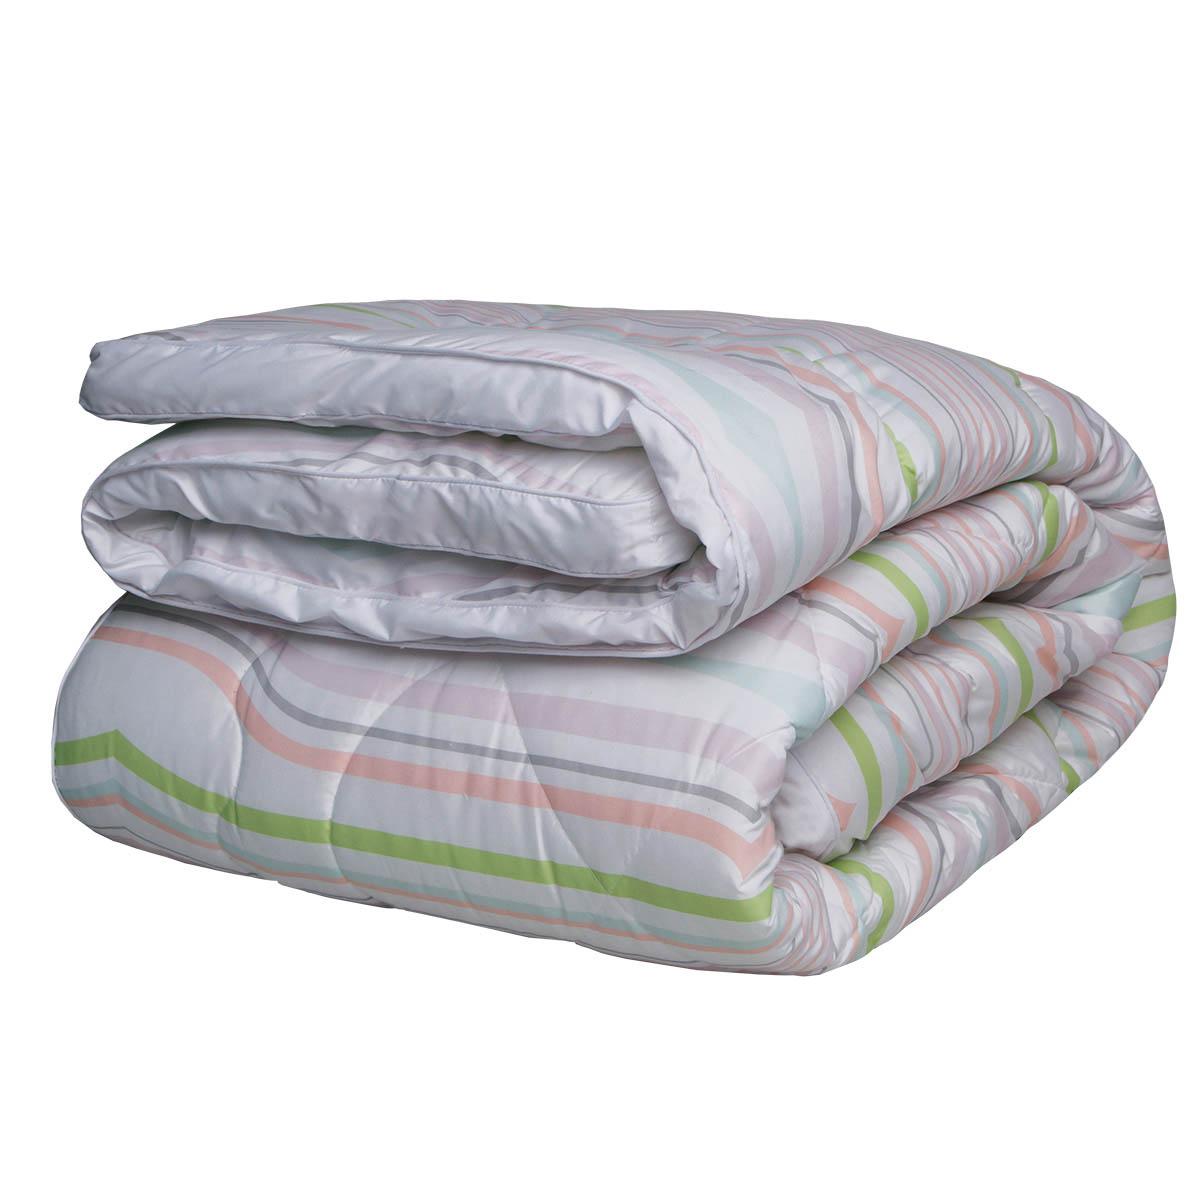 Одеяла Mona Liza Одеяло Secret Gardens Всесезонное (195х215 см) одеяла penelope одеяло wooly 195х215 см